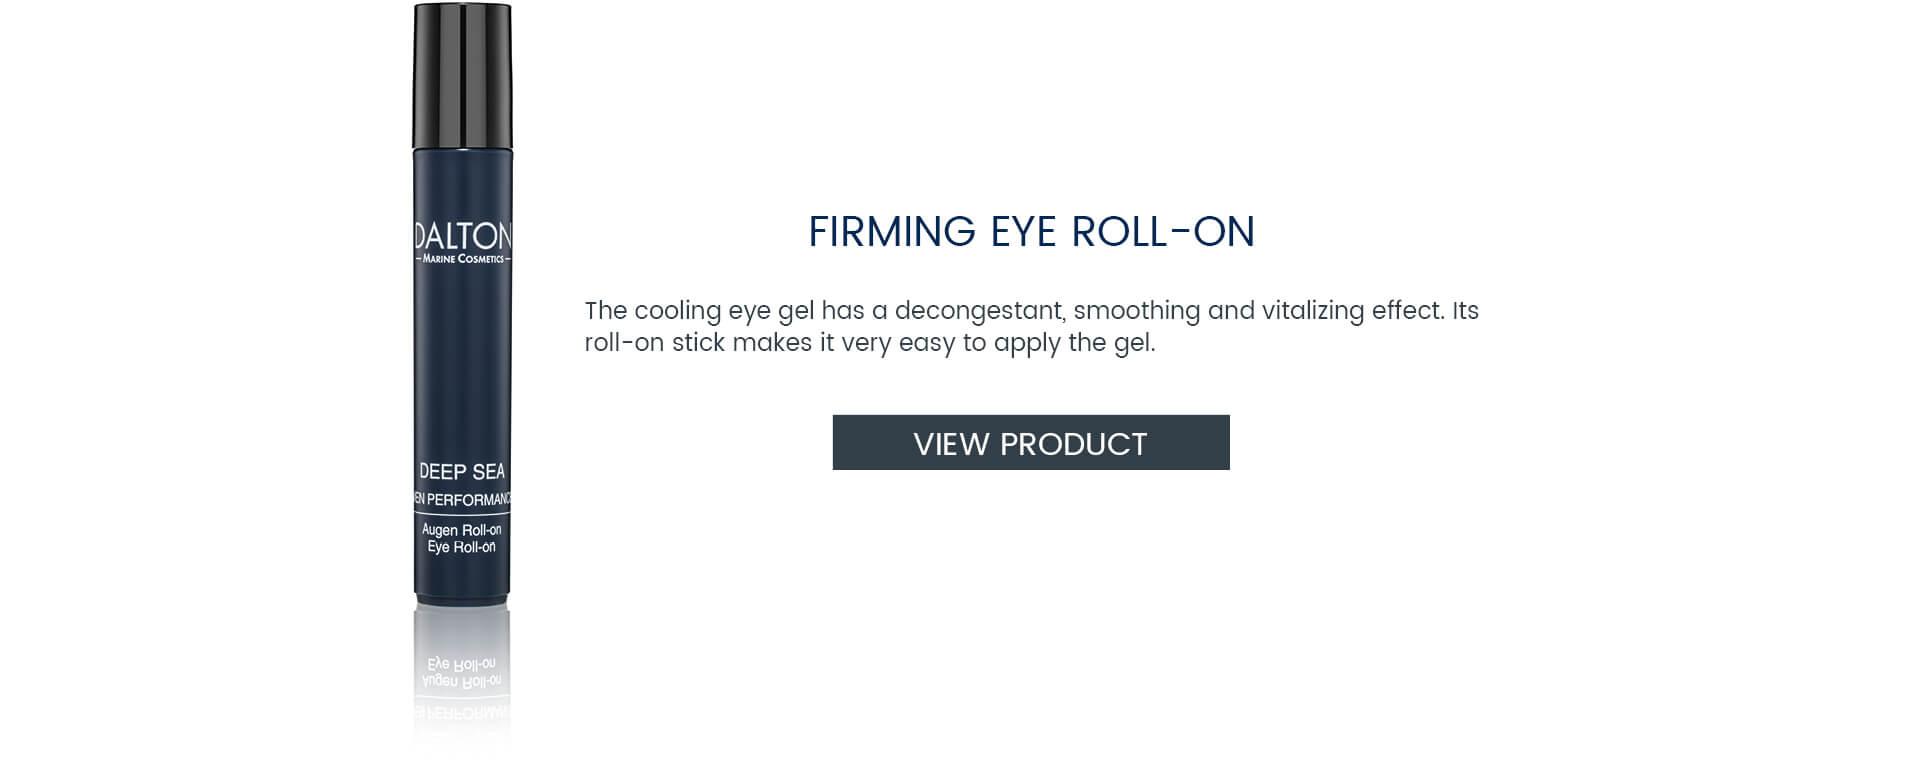 Eye Gel for men's skin